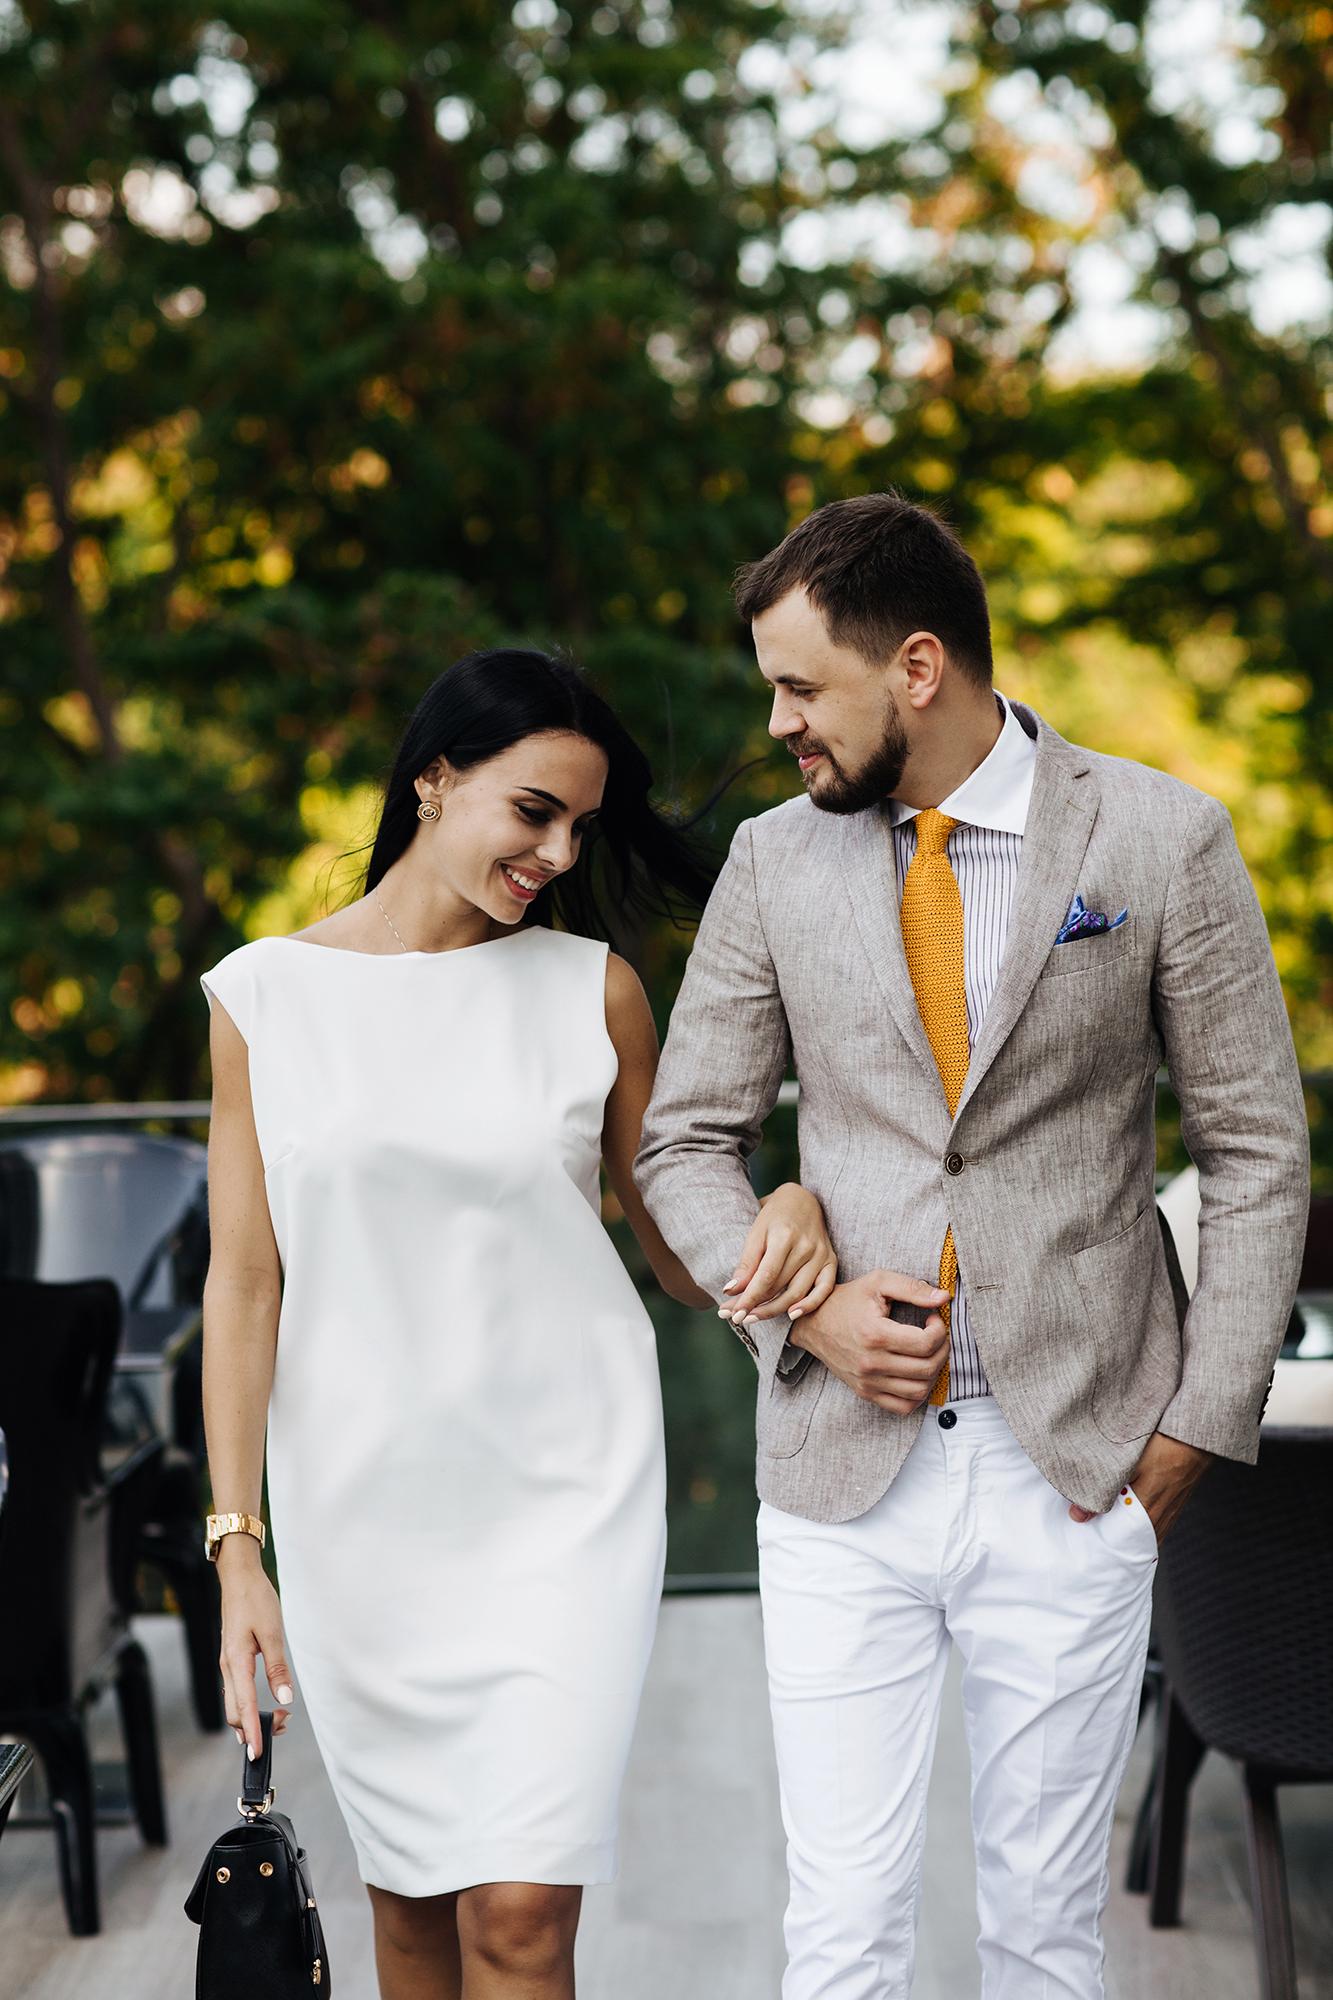 Ce poate fi mai atrăgător decât un bărbat îmbrăcat cu bun gust? Iată ce cred femeile despre bărbații stilați